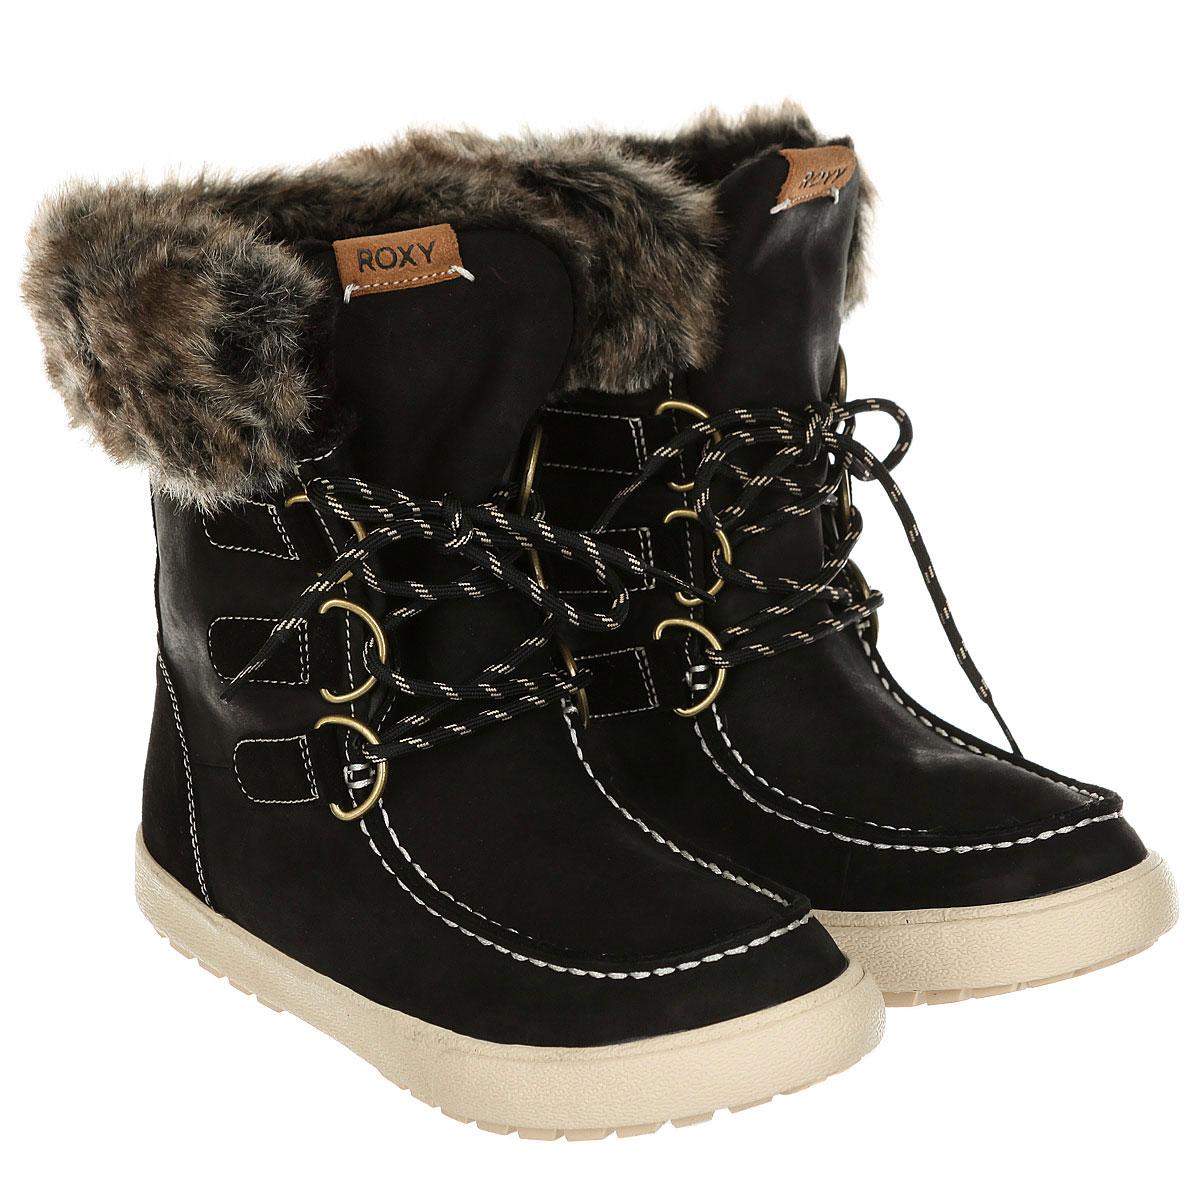 c29962c8c94b Купить ботинки высокие женские Roxy Rainier Boot Black (ARJB300018 ...